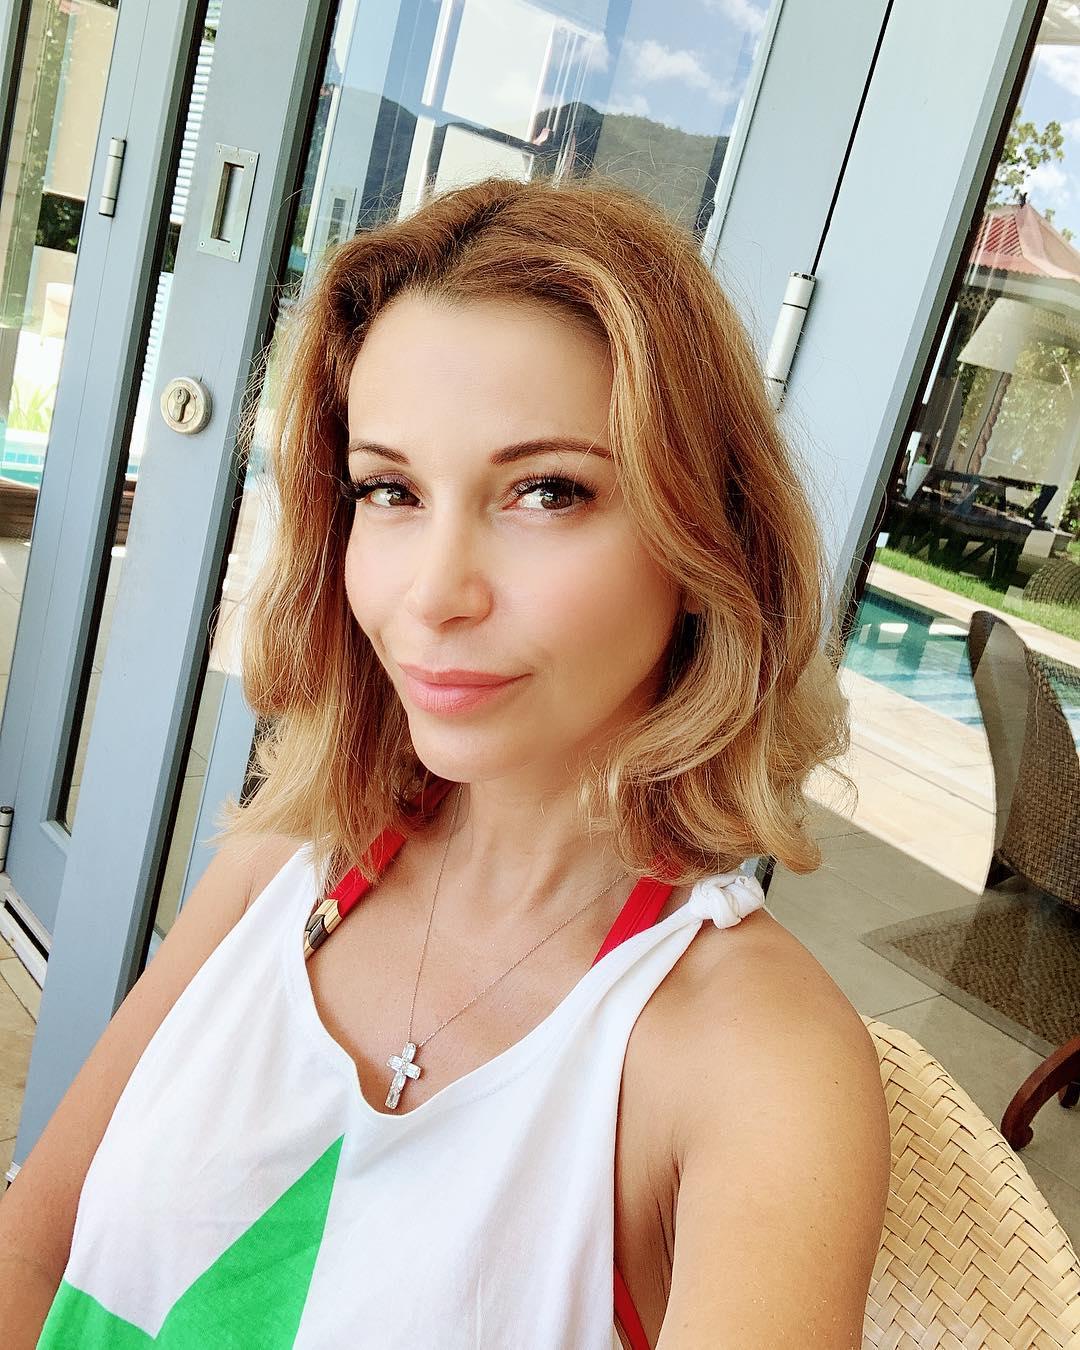 Ольга Орлова: Всем хорошего дня и отличного настроения